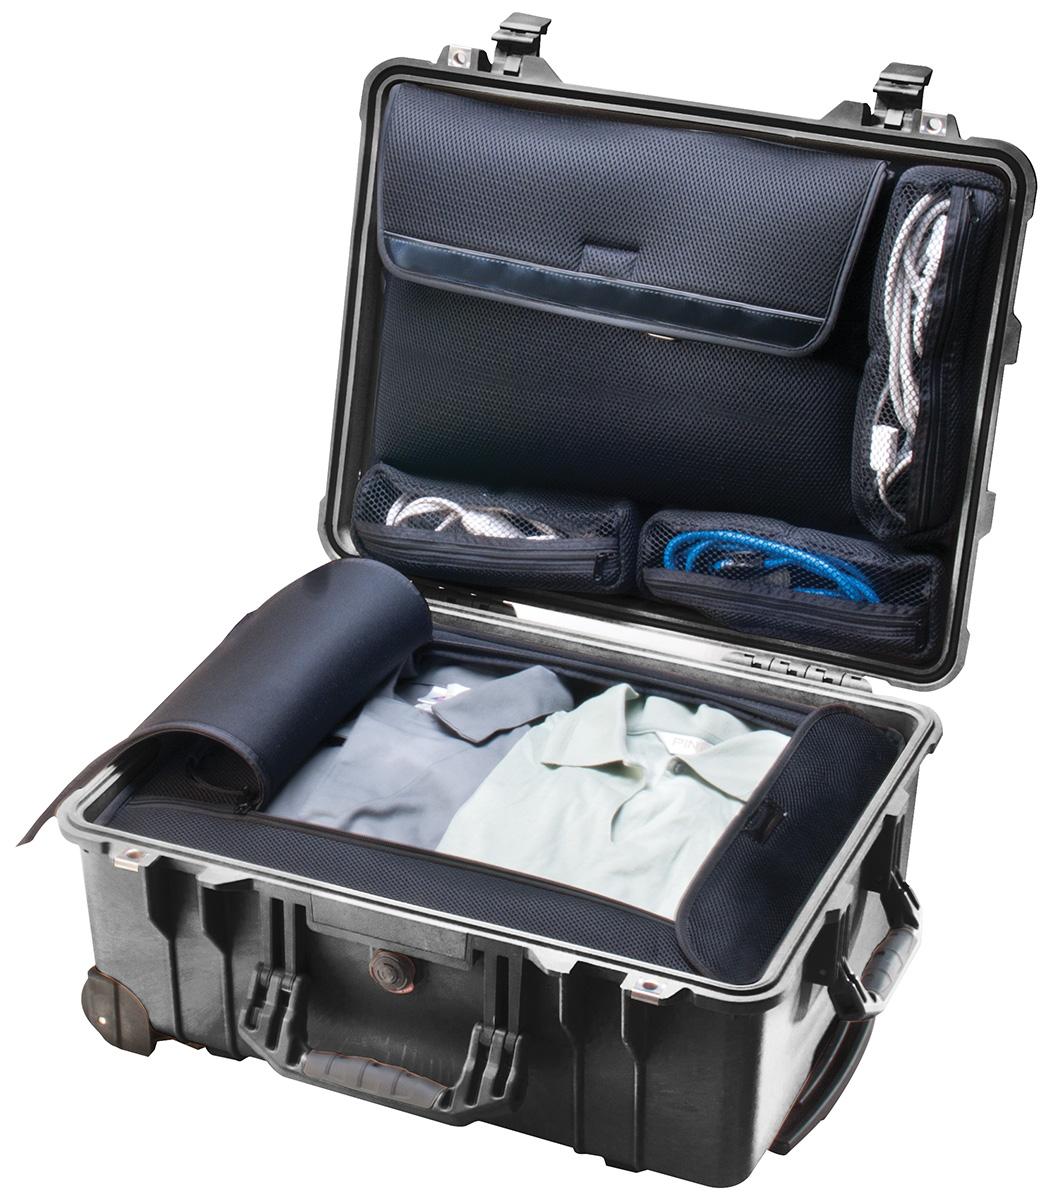 pelican tough travel protographer hard case